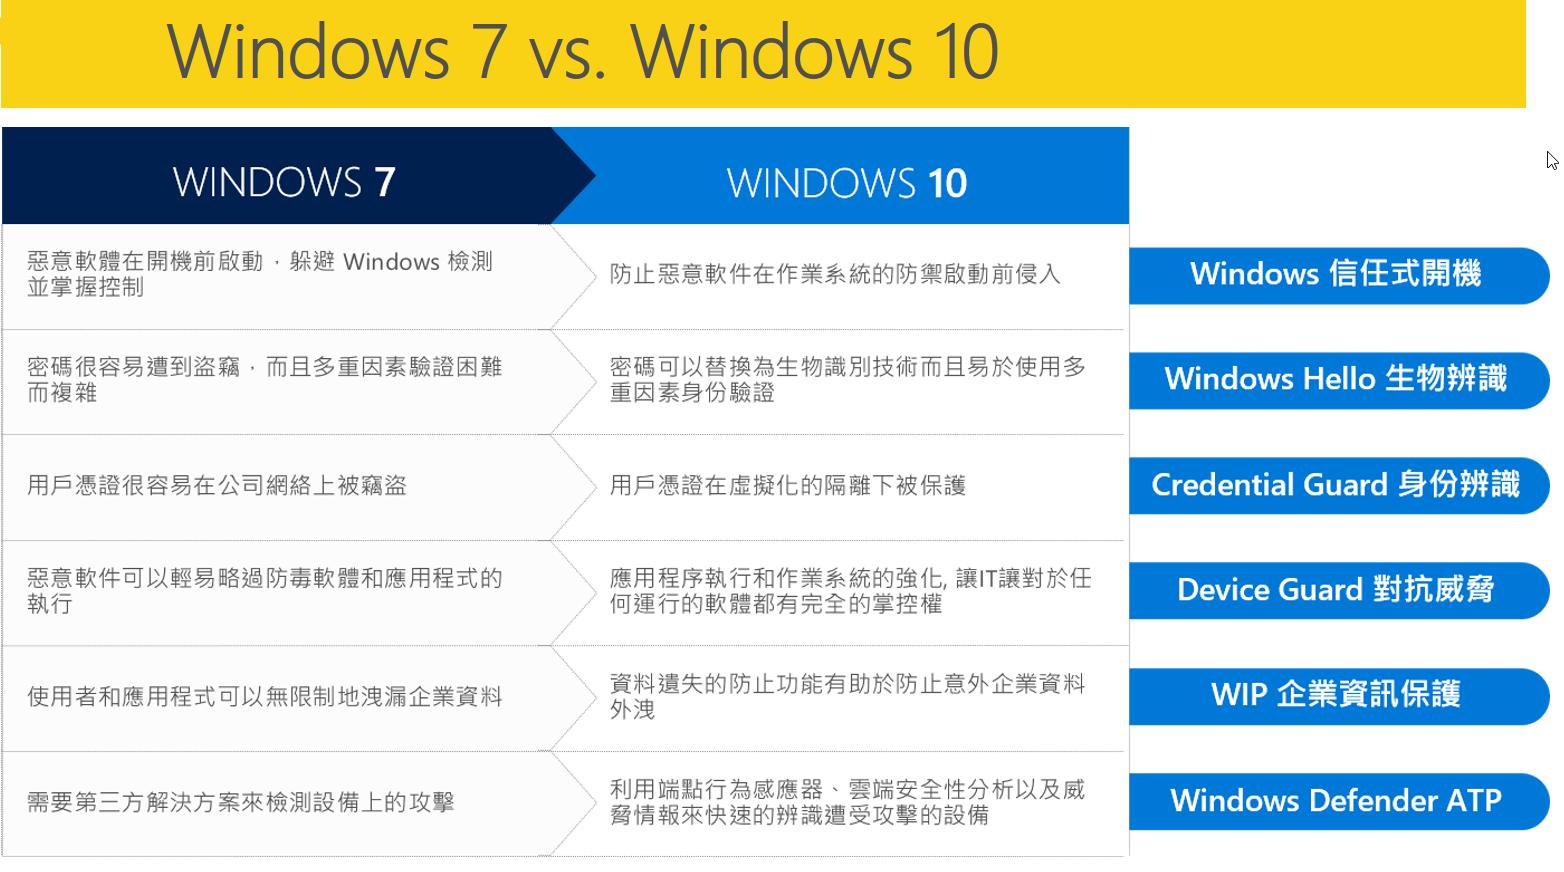 windows7和windows10比較表